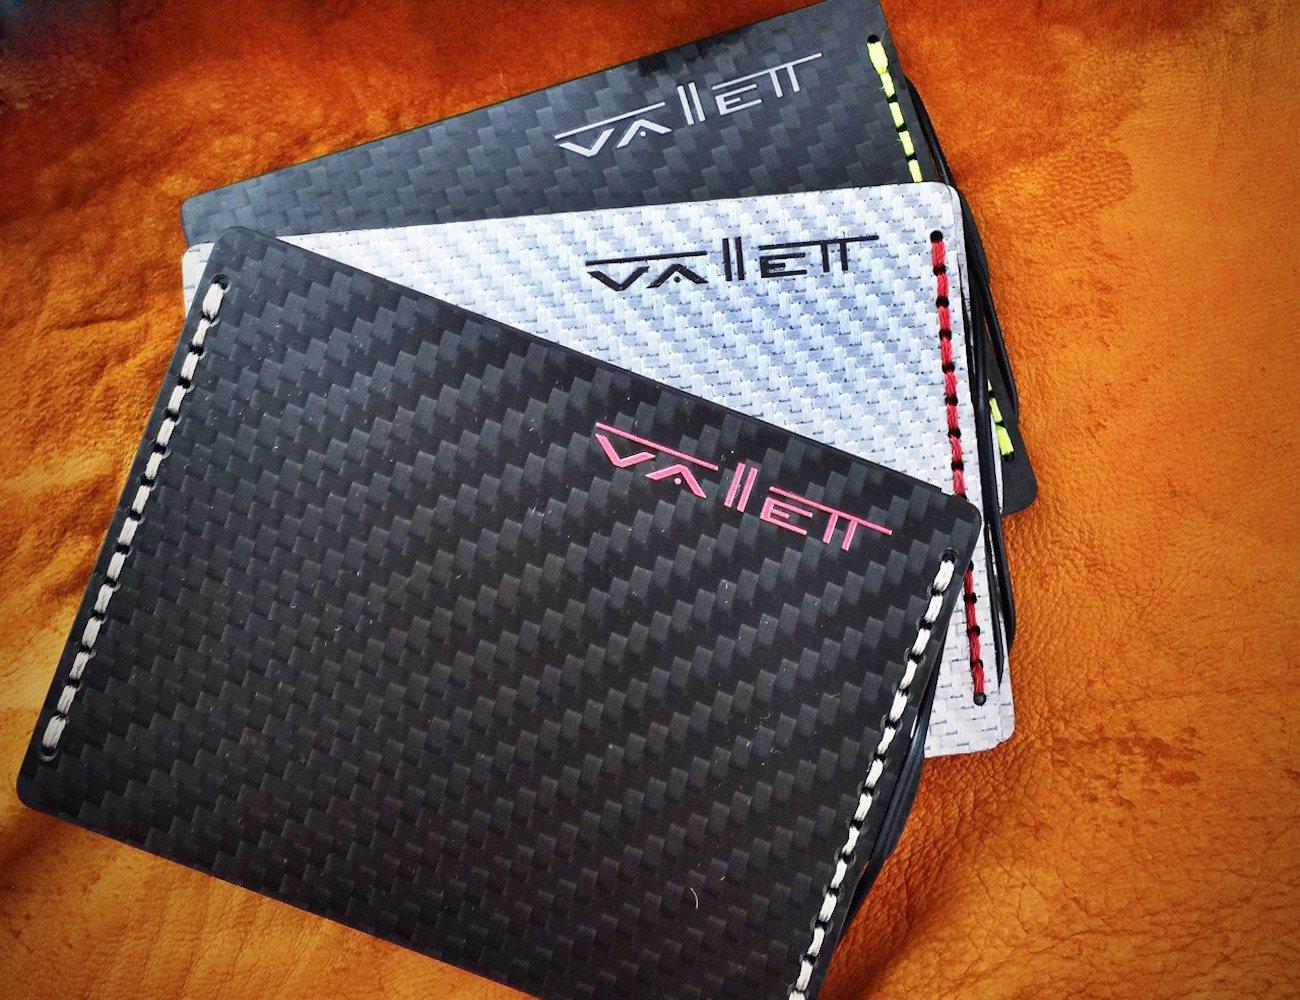 Vallett+%26%238211%3B+The+New+Small+Wallet